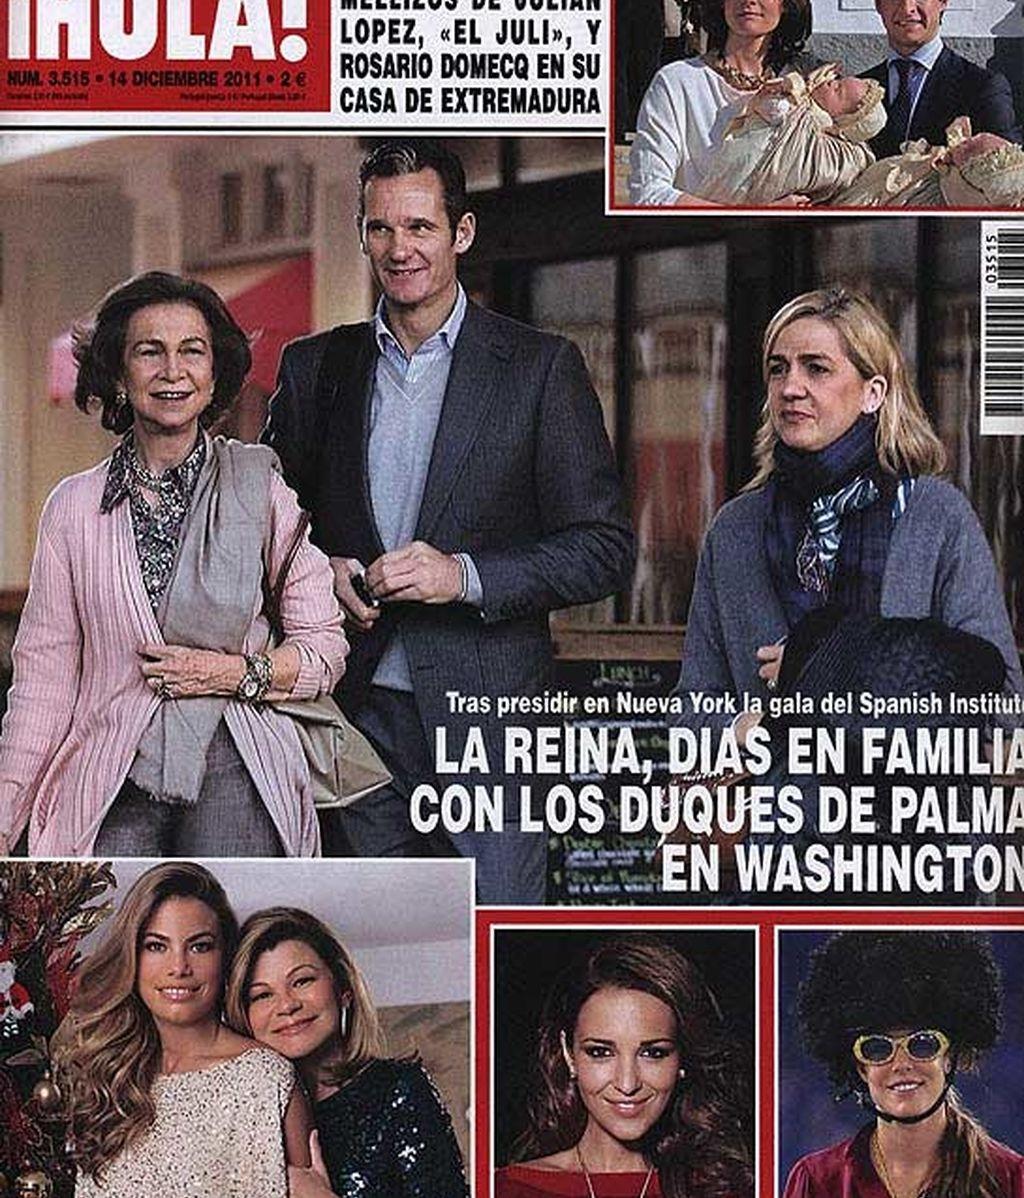 La Reina con los Duques de Palma